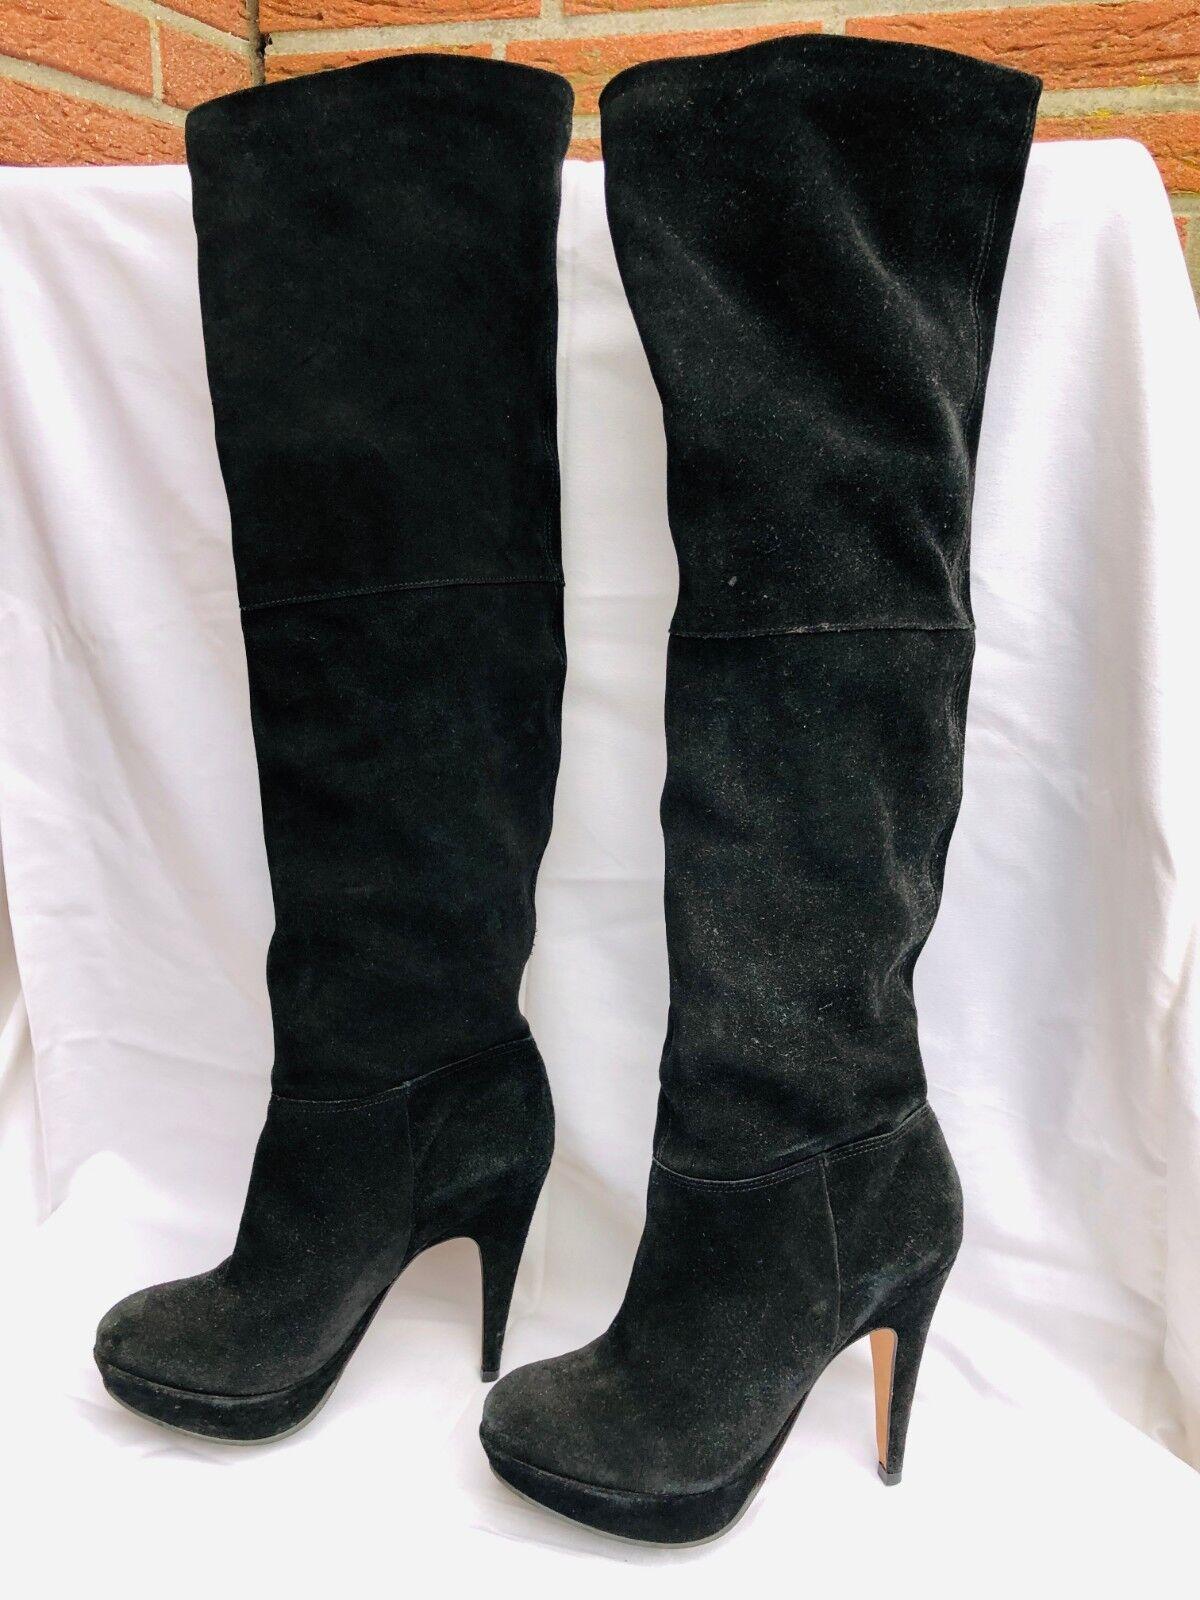 Buffalo Damen Overknees Stiefel Gr. 39   Wildleder schwarz schwarz schwarz   Plateau  beeilte sich zu sehen